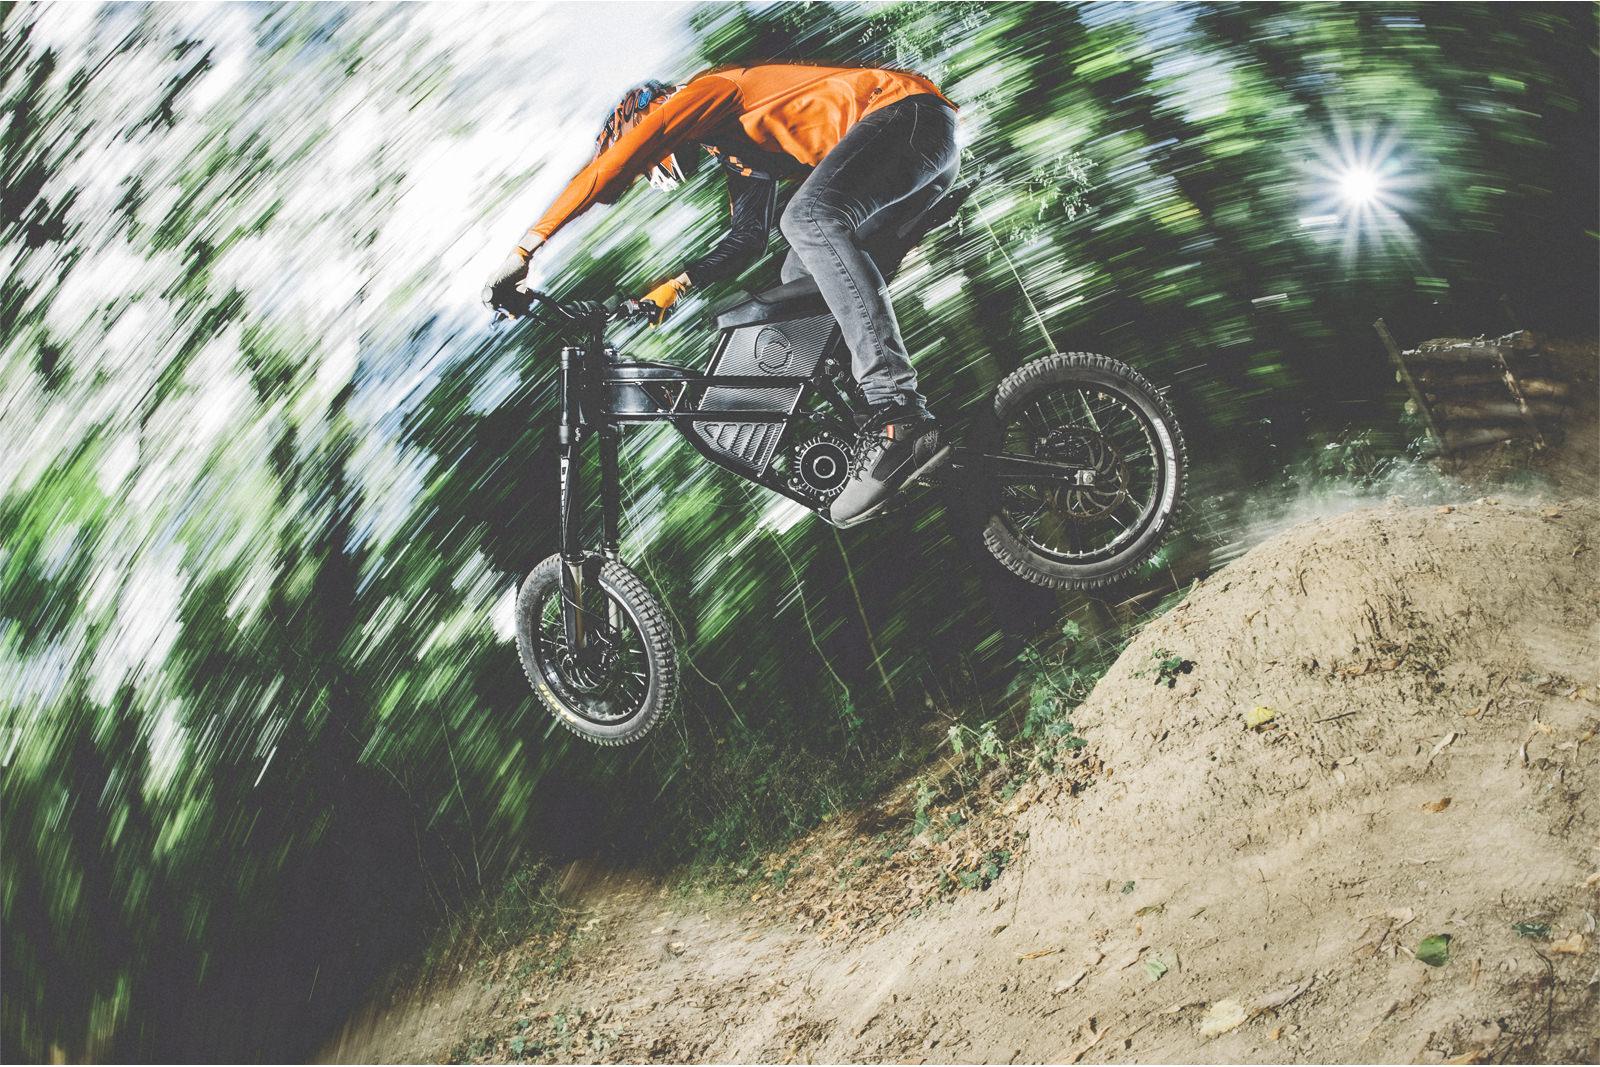 vélo-électrique-Freerider-par-Kuberg-performance-look-agressif-effronté-01_mini